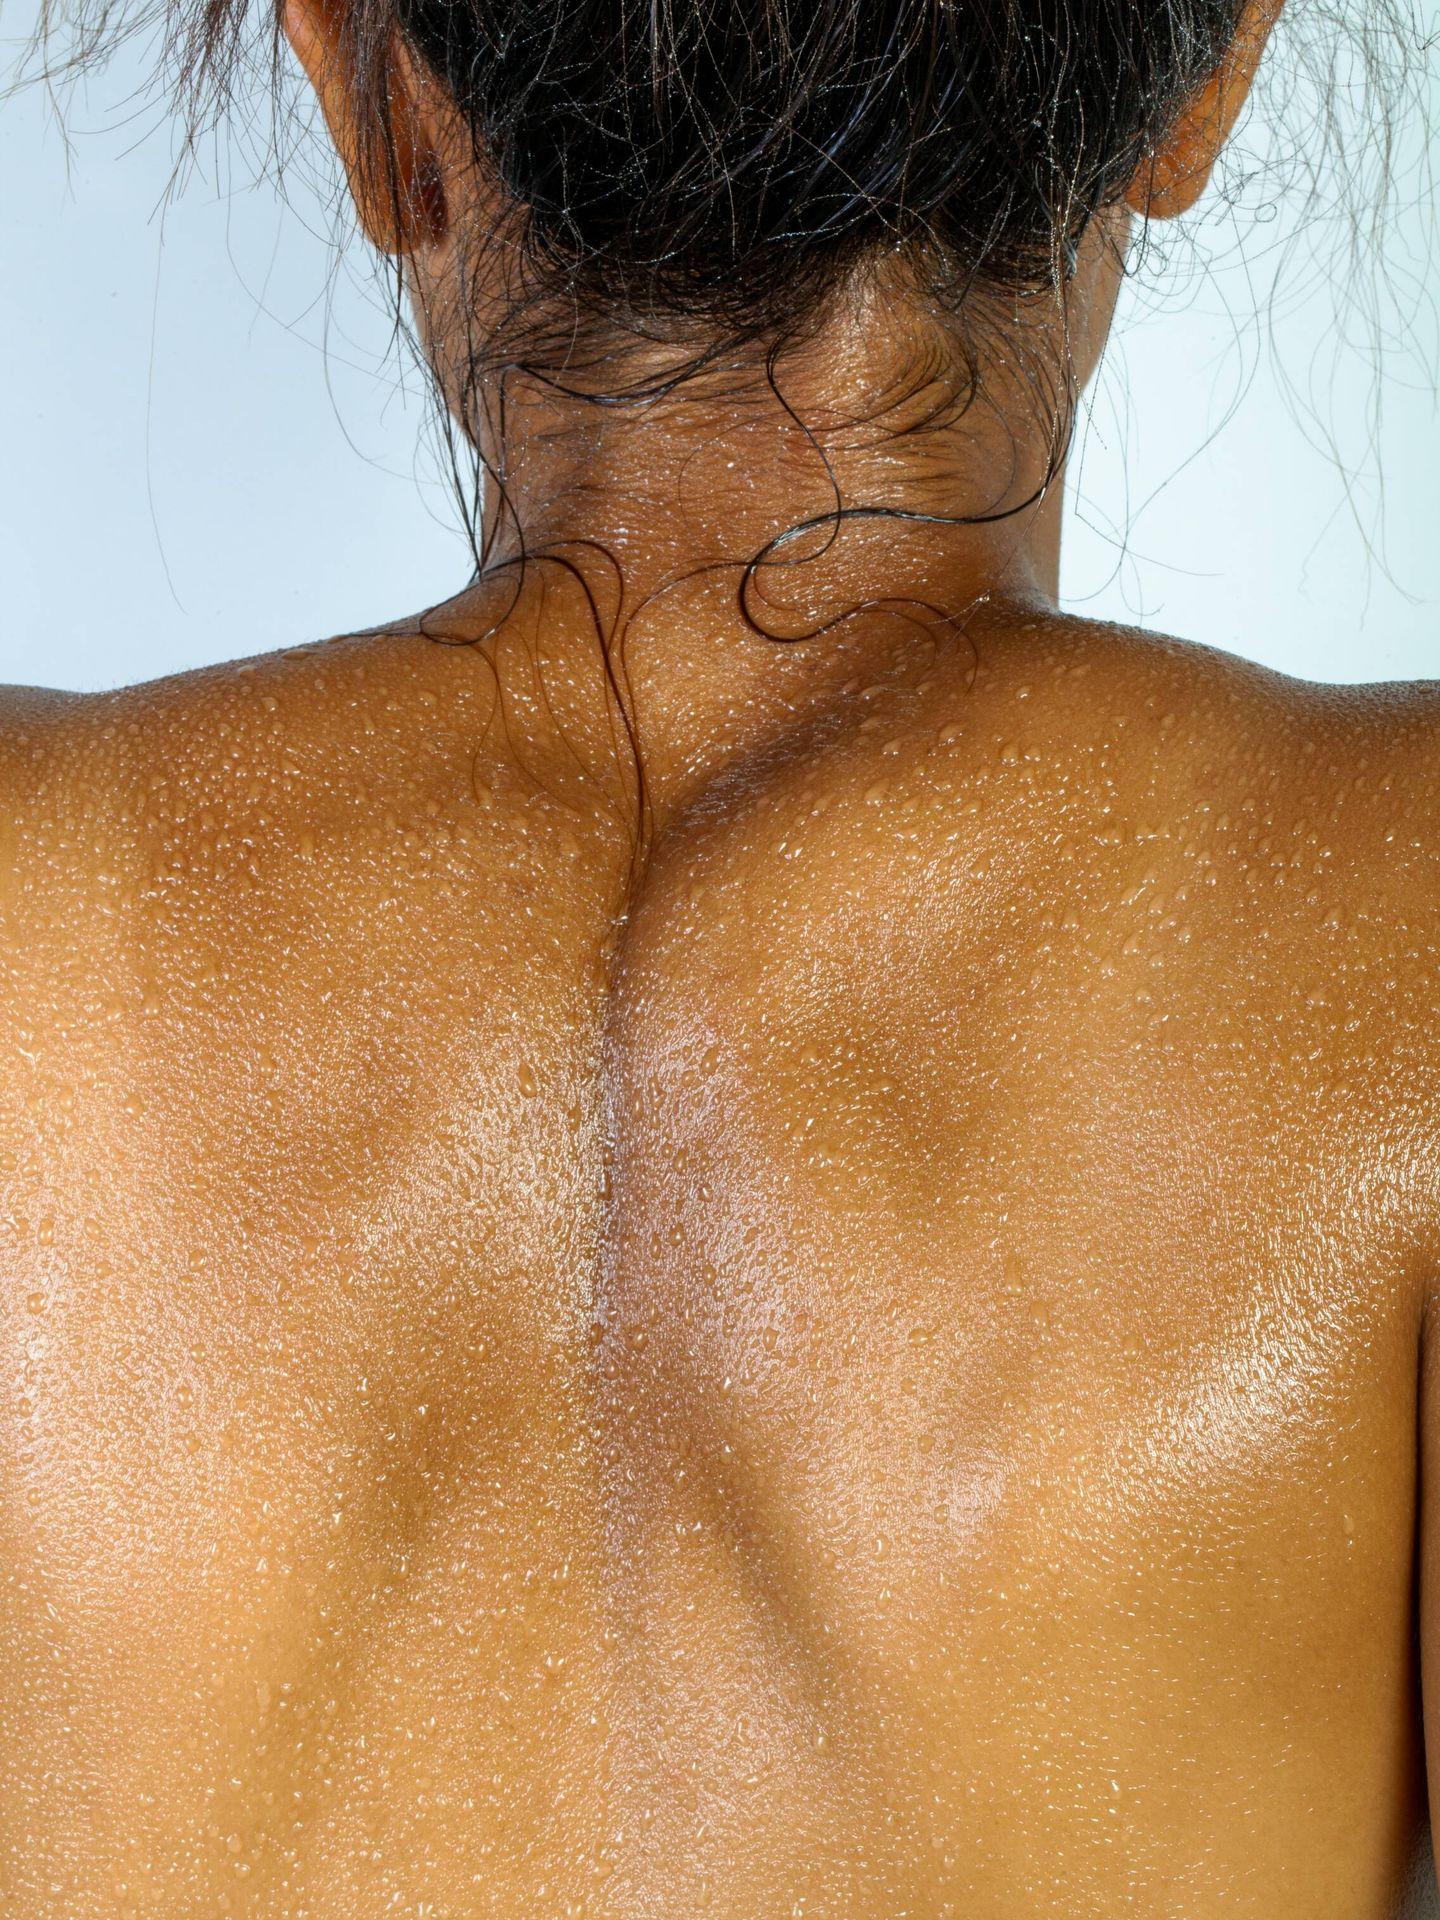 Durante la ducha no solemos limpiar la espalda de la forma adecuada. (Unsplash)